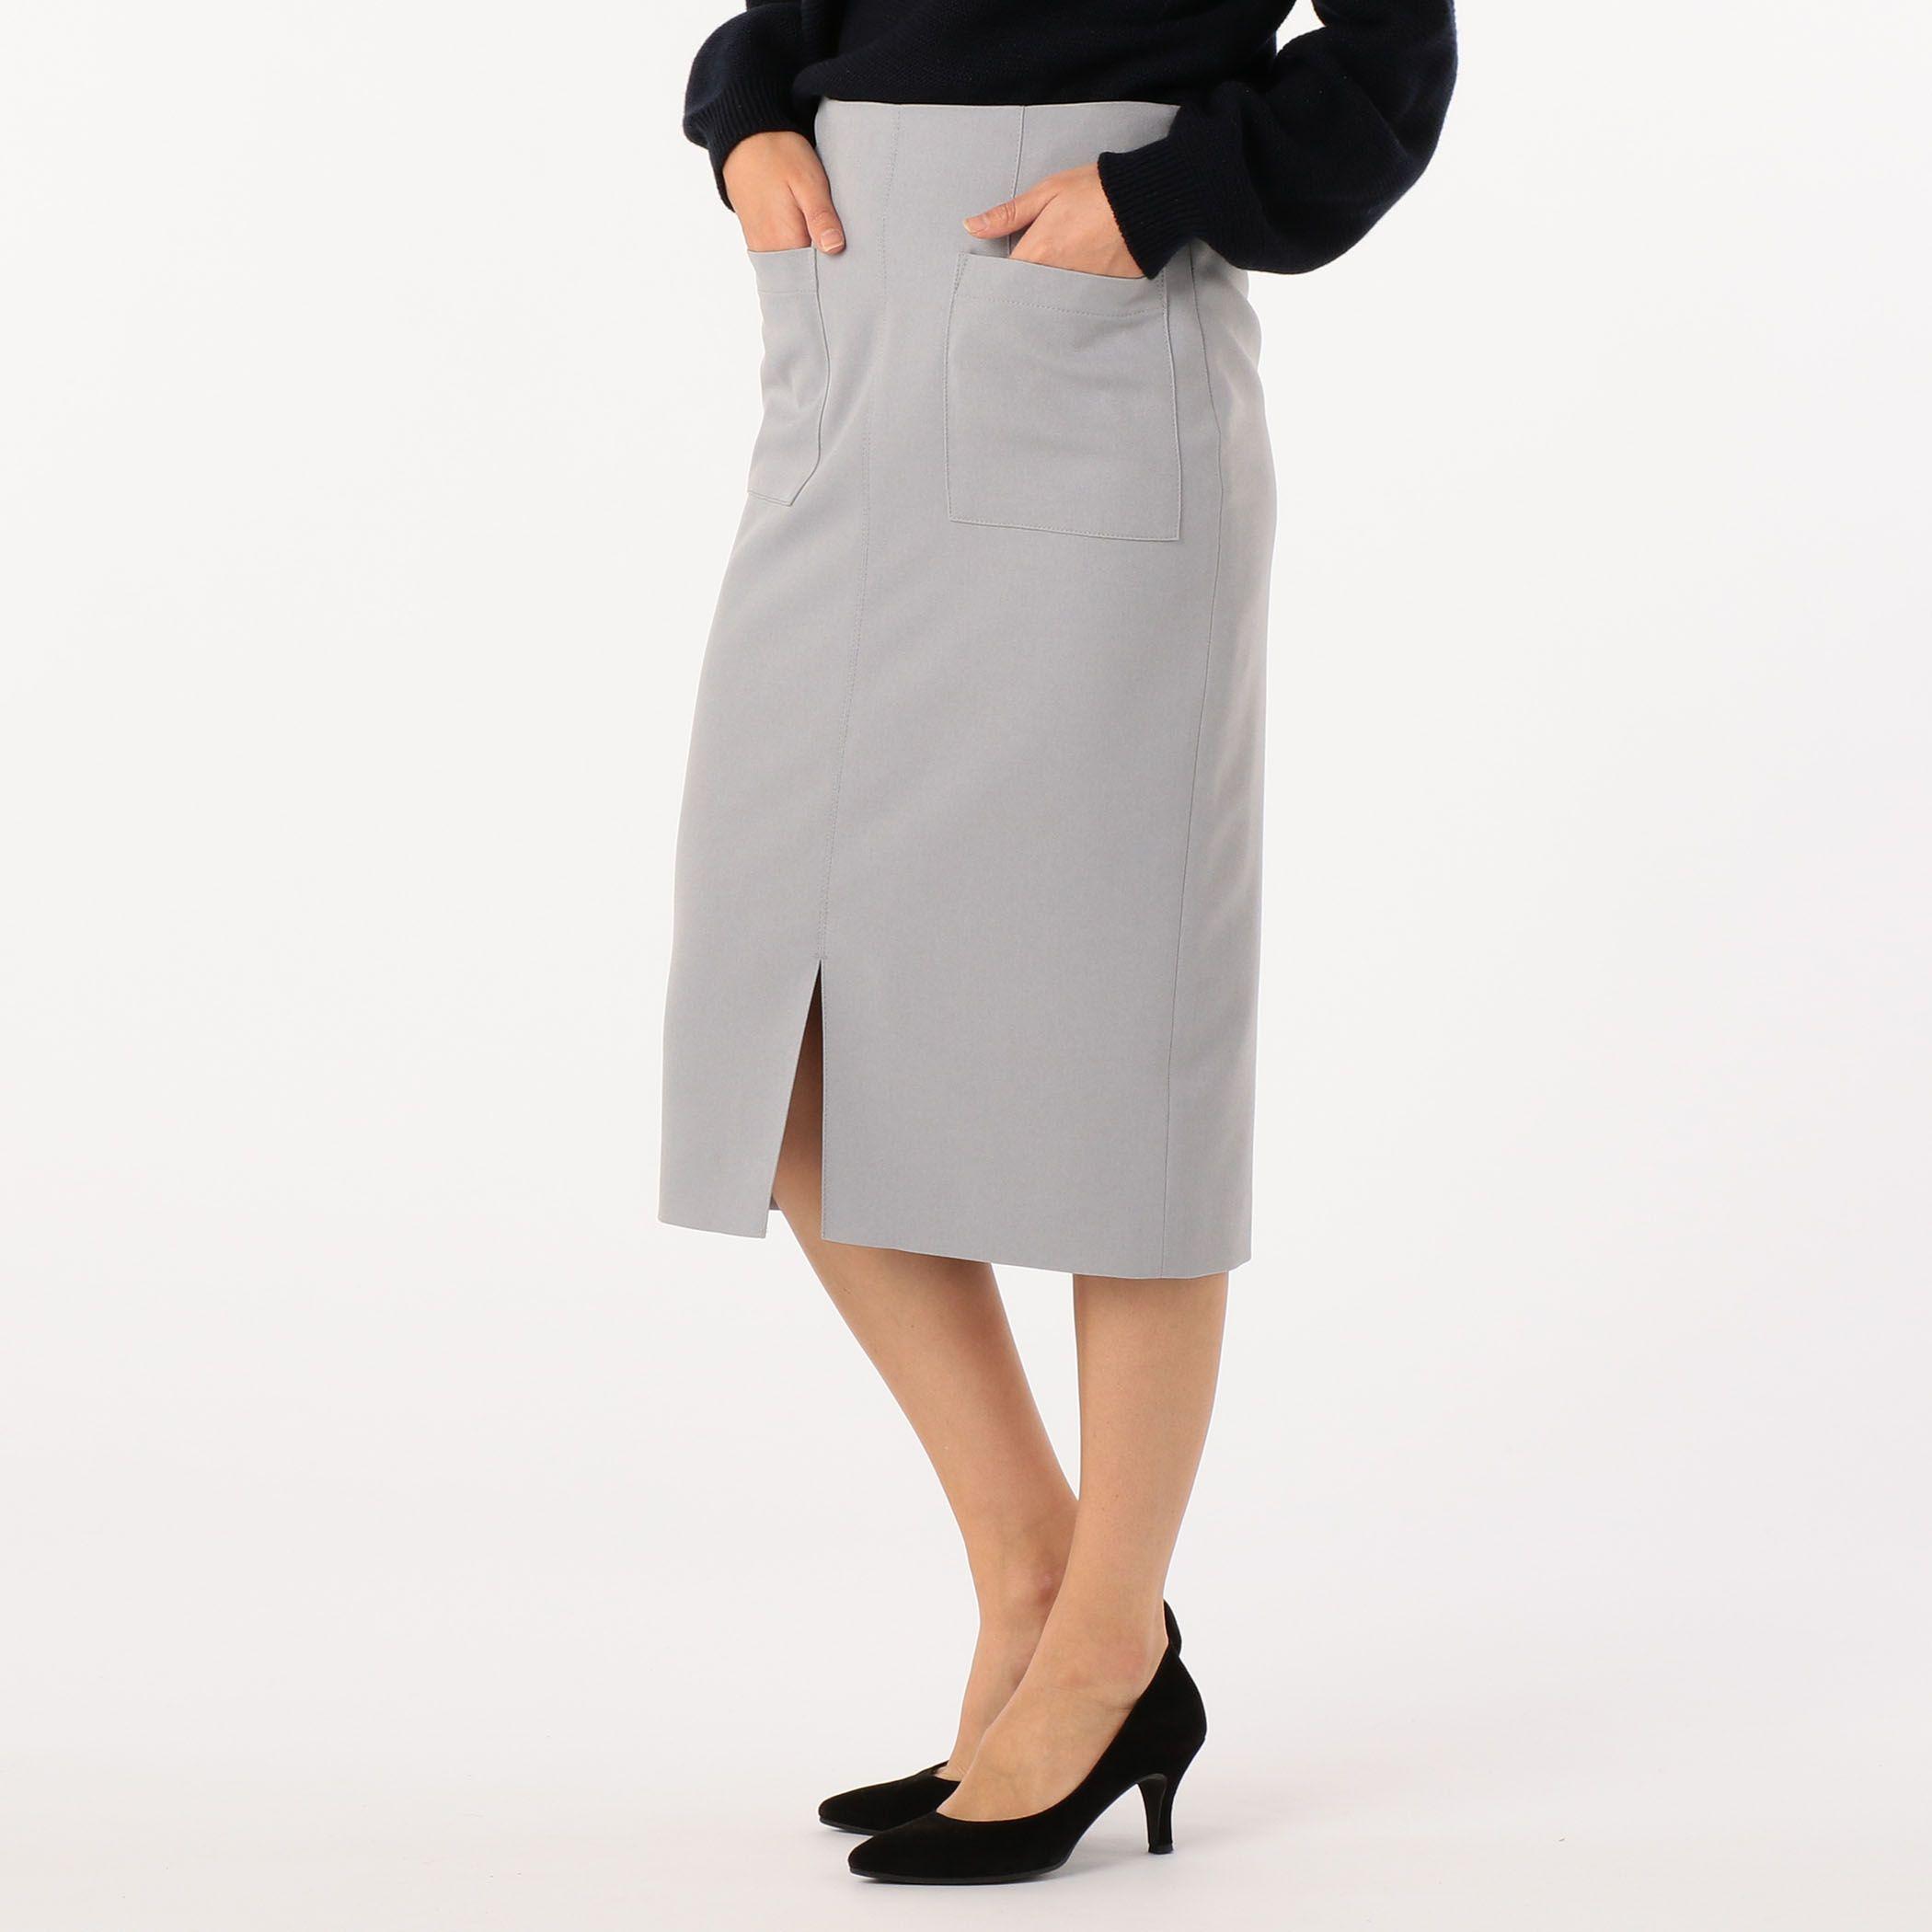 NOLLEY'Sノーリーズ/ウール調合繊ポケット付タイトスカート